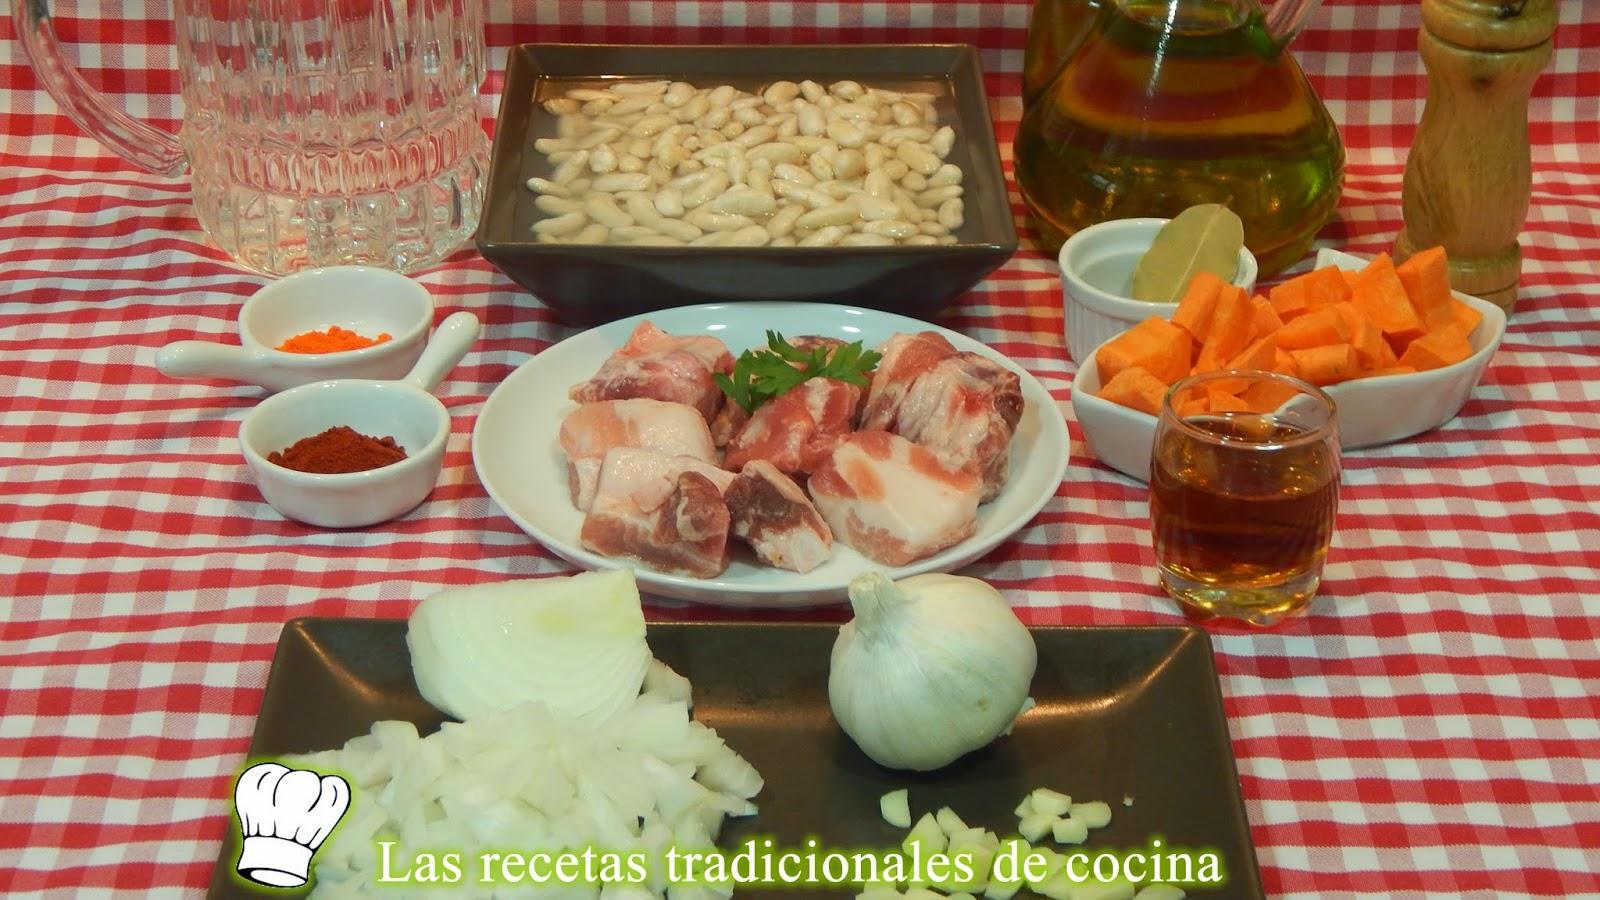 Receta de alubias blancas con costilla de cerdo